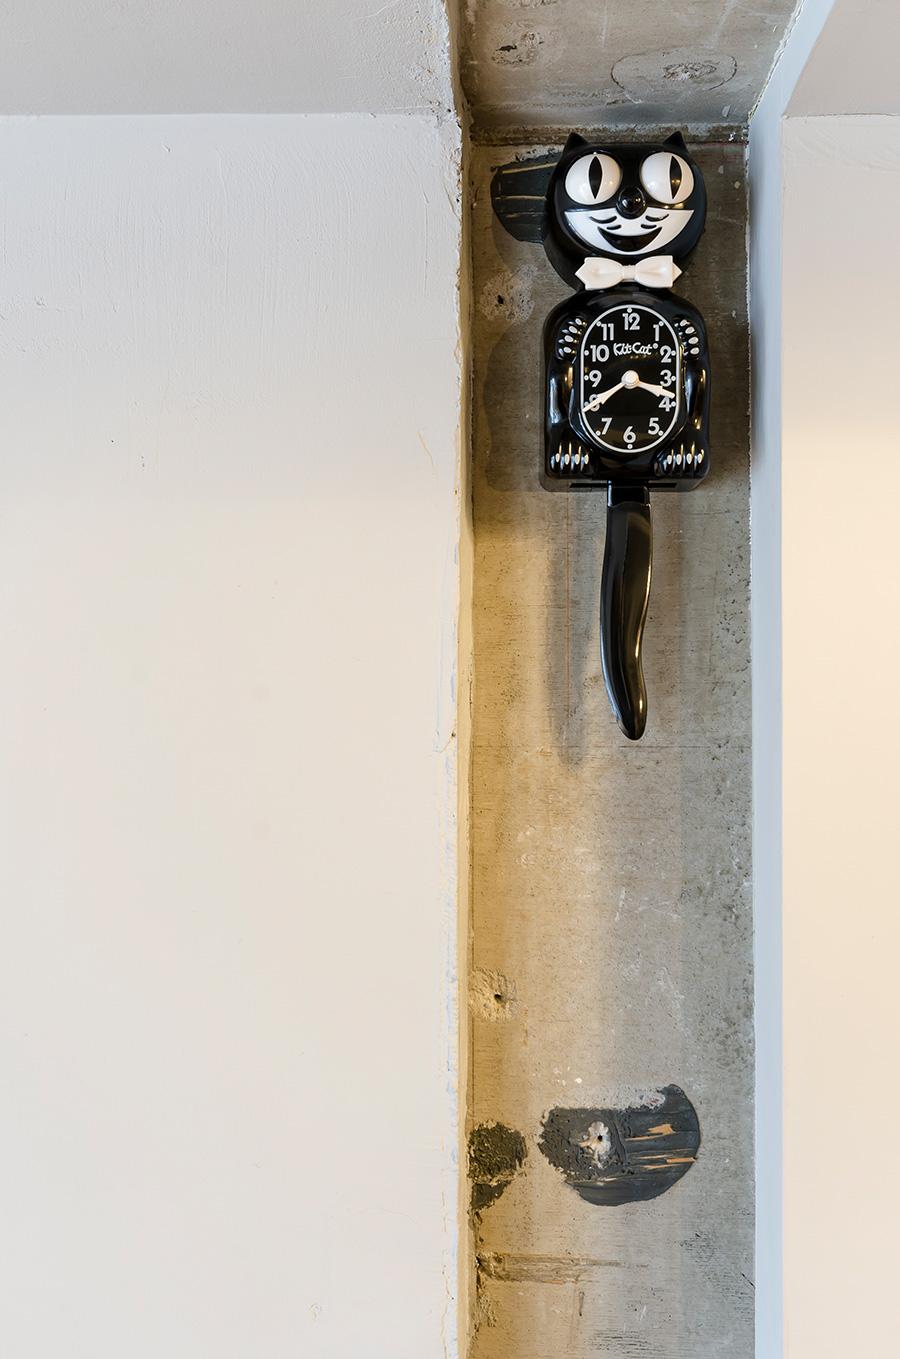 2人の好きな1980年代の映画にも登場した時計。